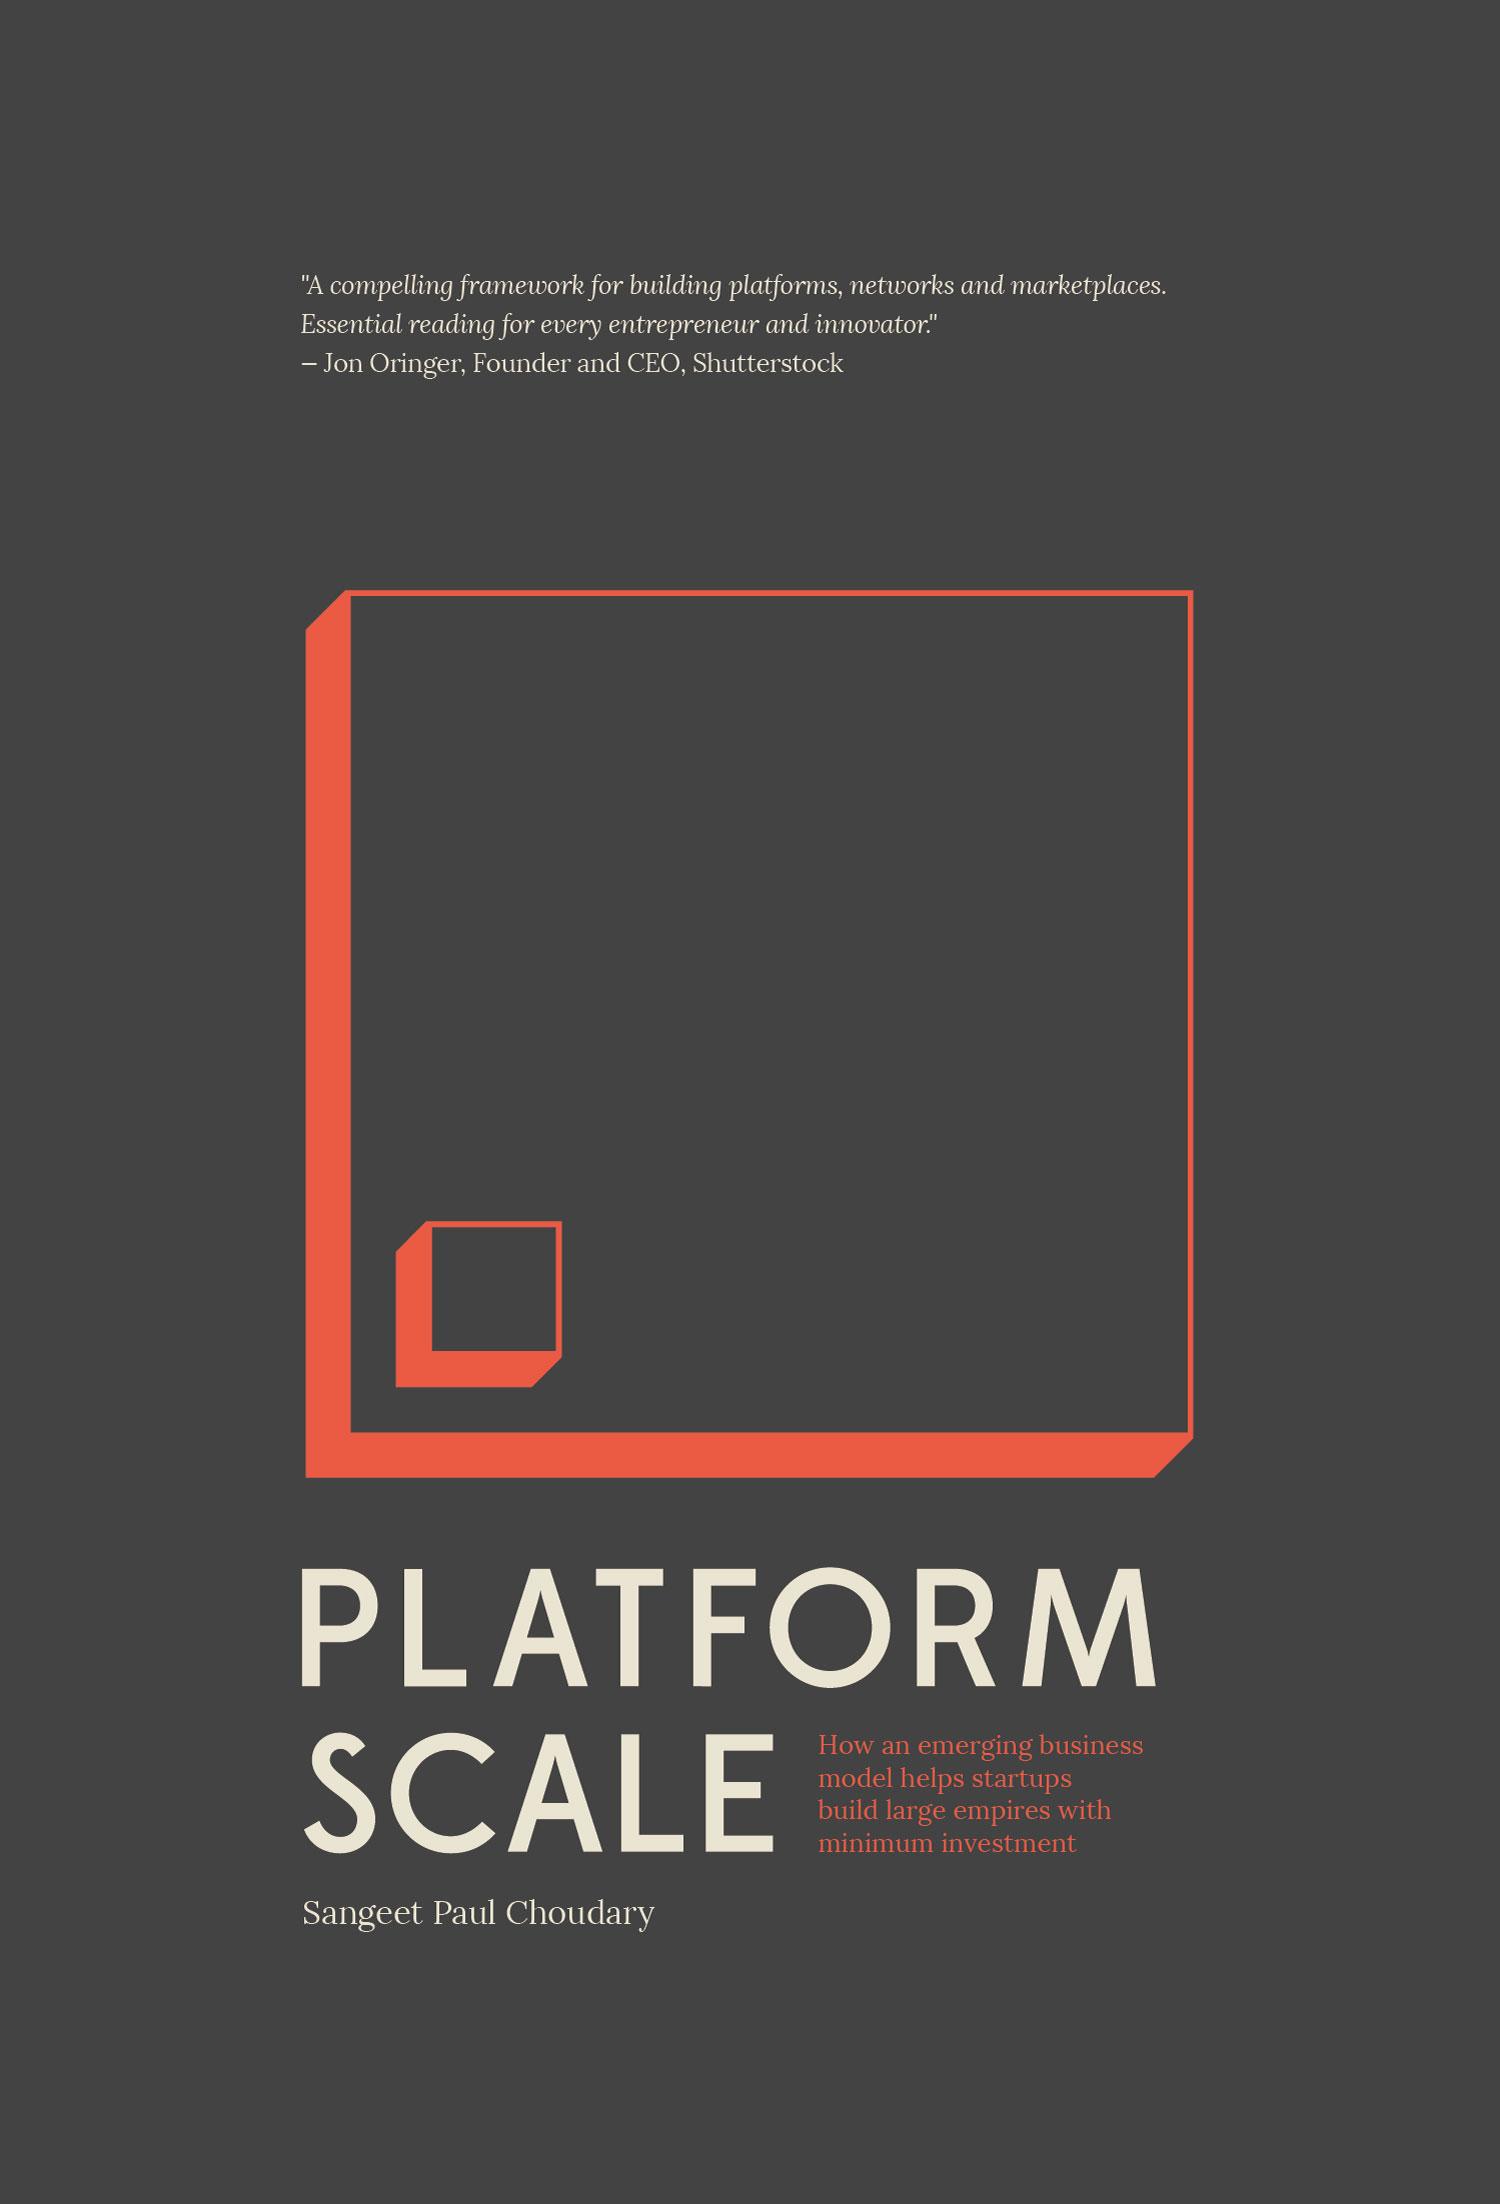 Capa do livro Platform Scale do Sangeet Paul Choudary